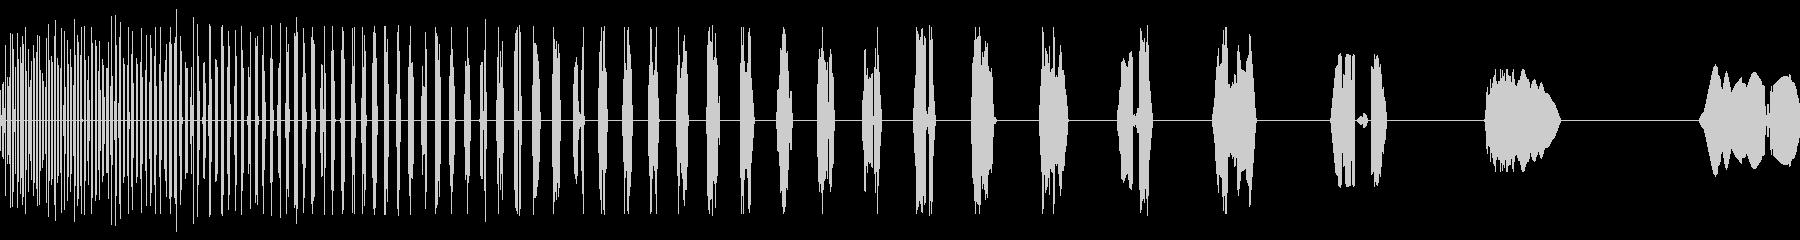 フラタリング解消3の未再生の波形